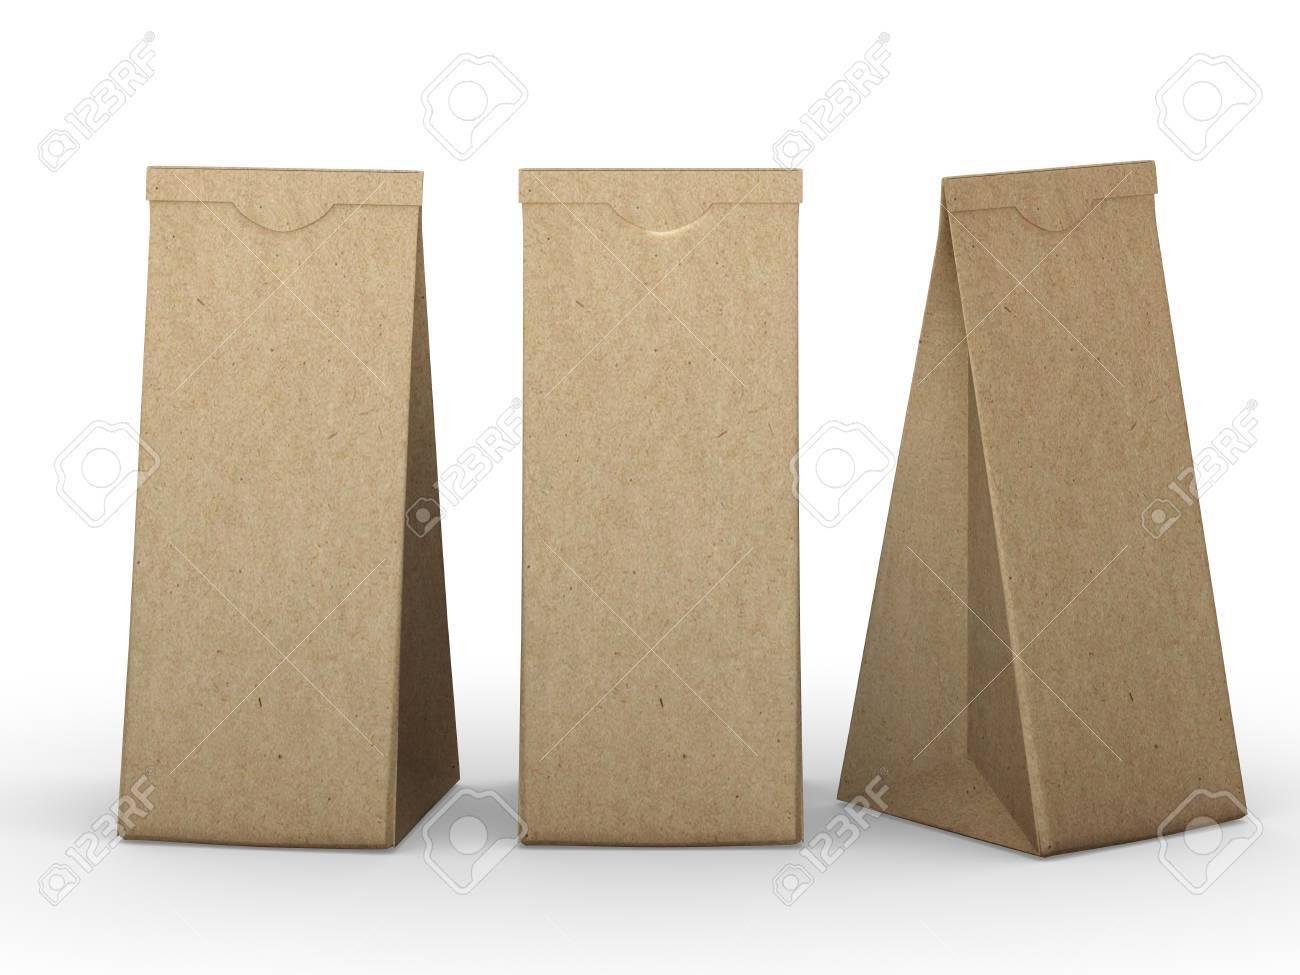 De Papieren Zak : Brown gevouwen papieren zak verpakkingen voor voedsel snack of